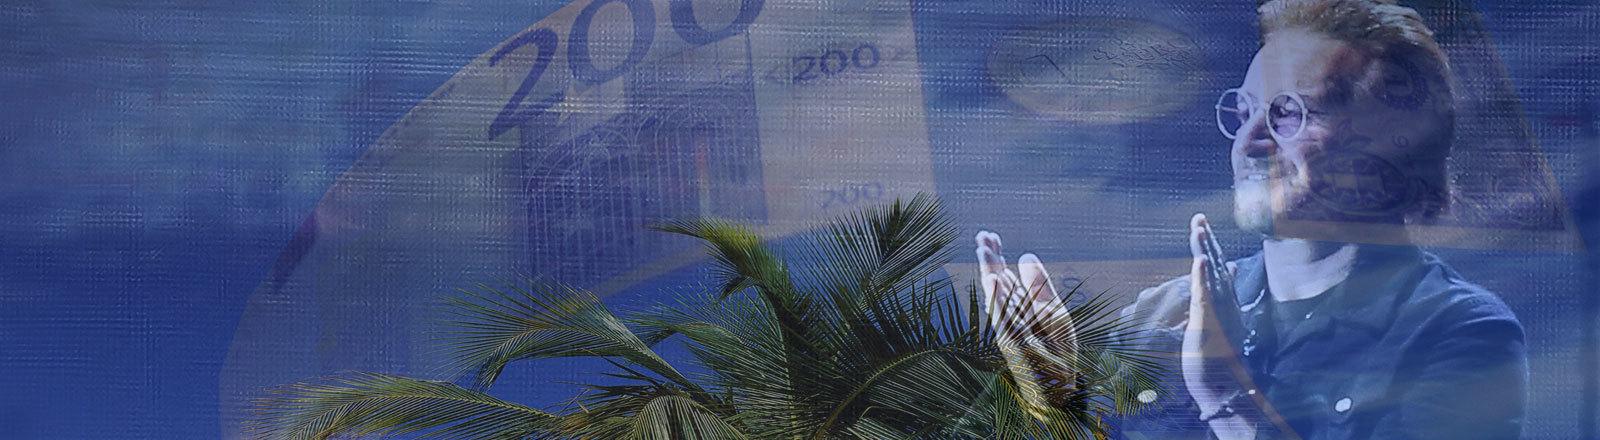 Bono klatscht in die Hände / Ein paradiesischer Strand / Euromünzen und –scheine im Hintergrund (Collage Deutschlandfunk Nova)